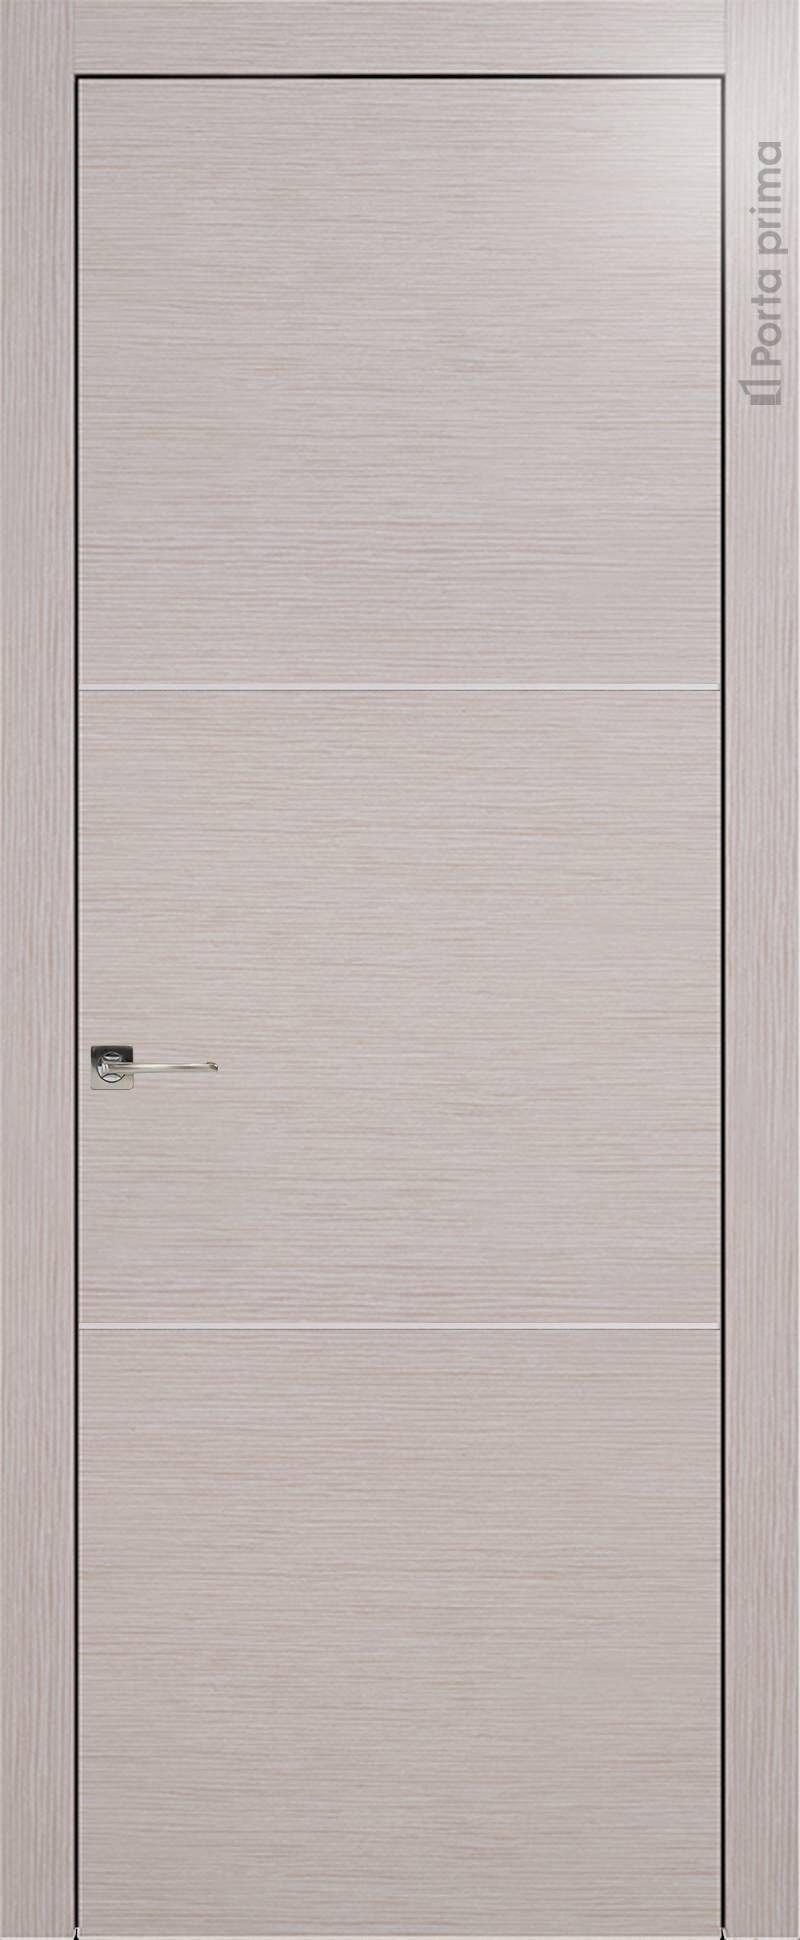 Tivoli В-3 цвет - Дымчатый дуб Без стекла (ДГ)